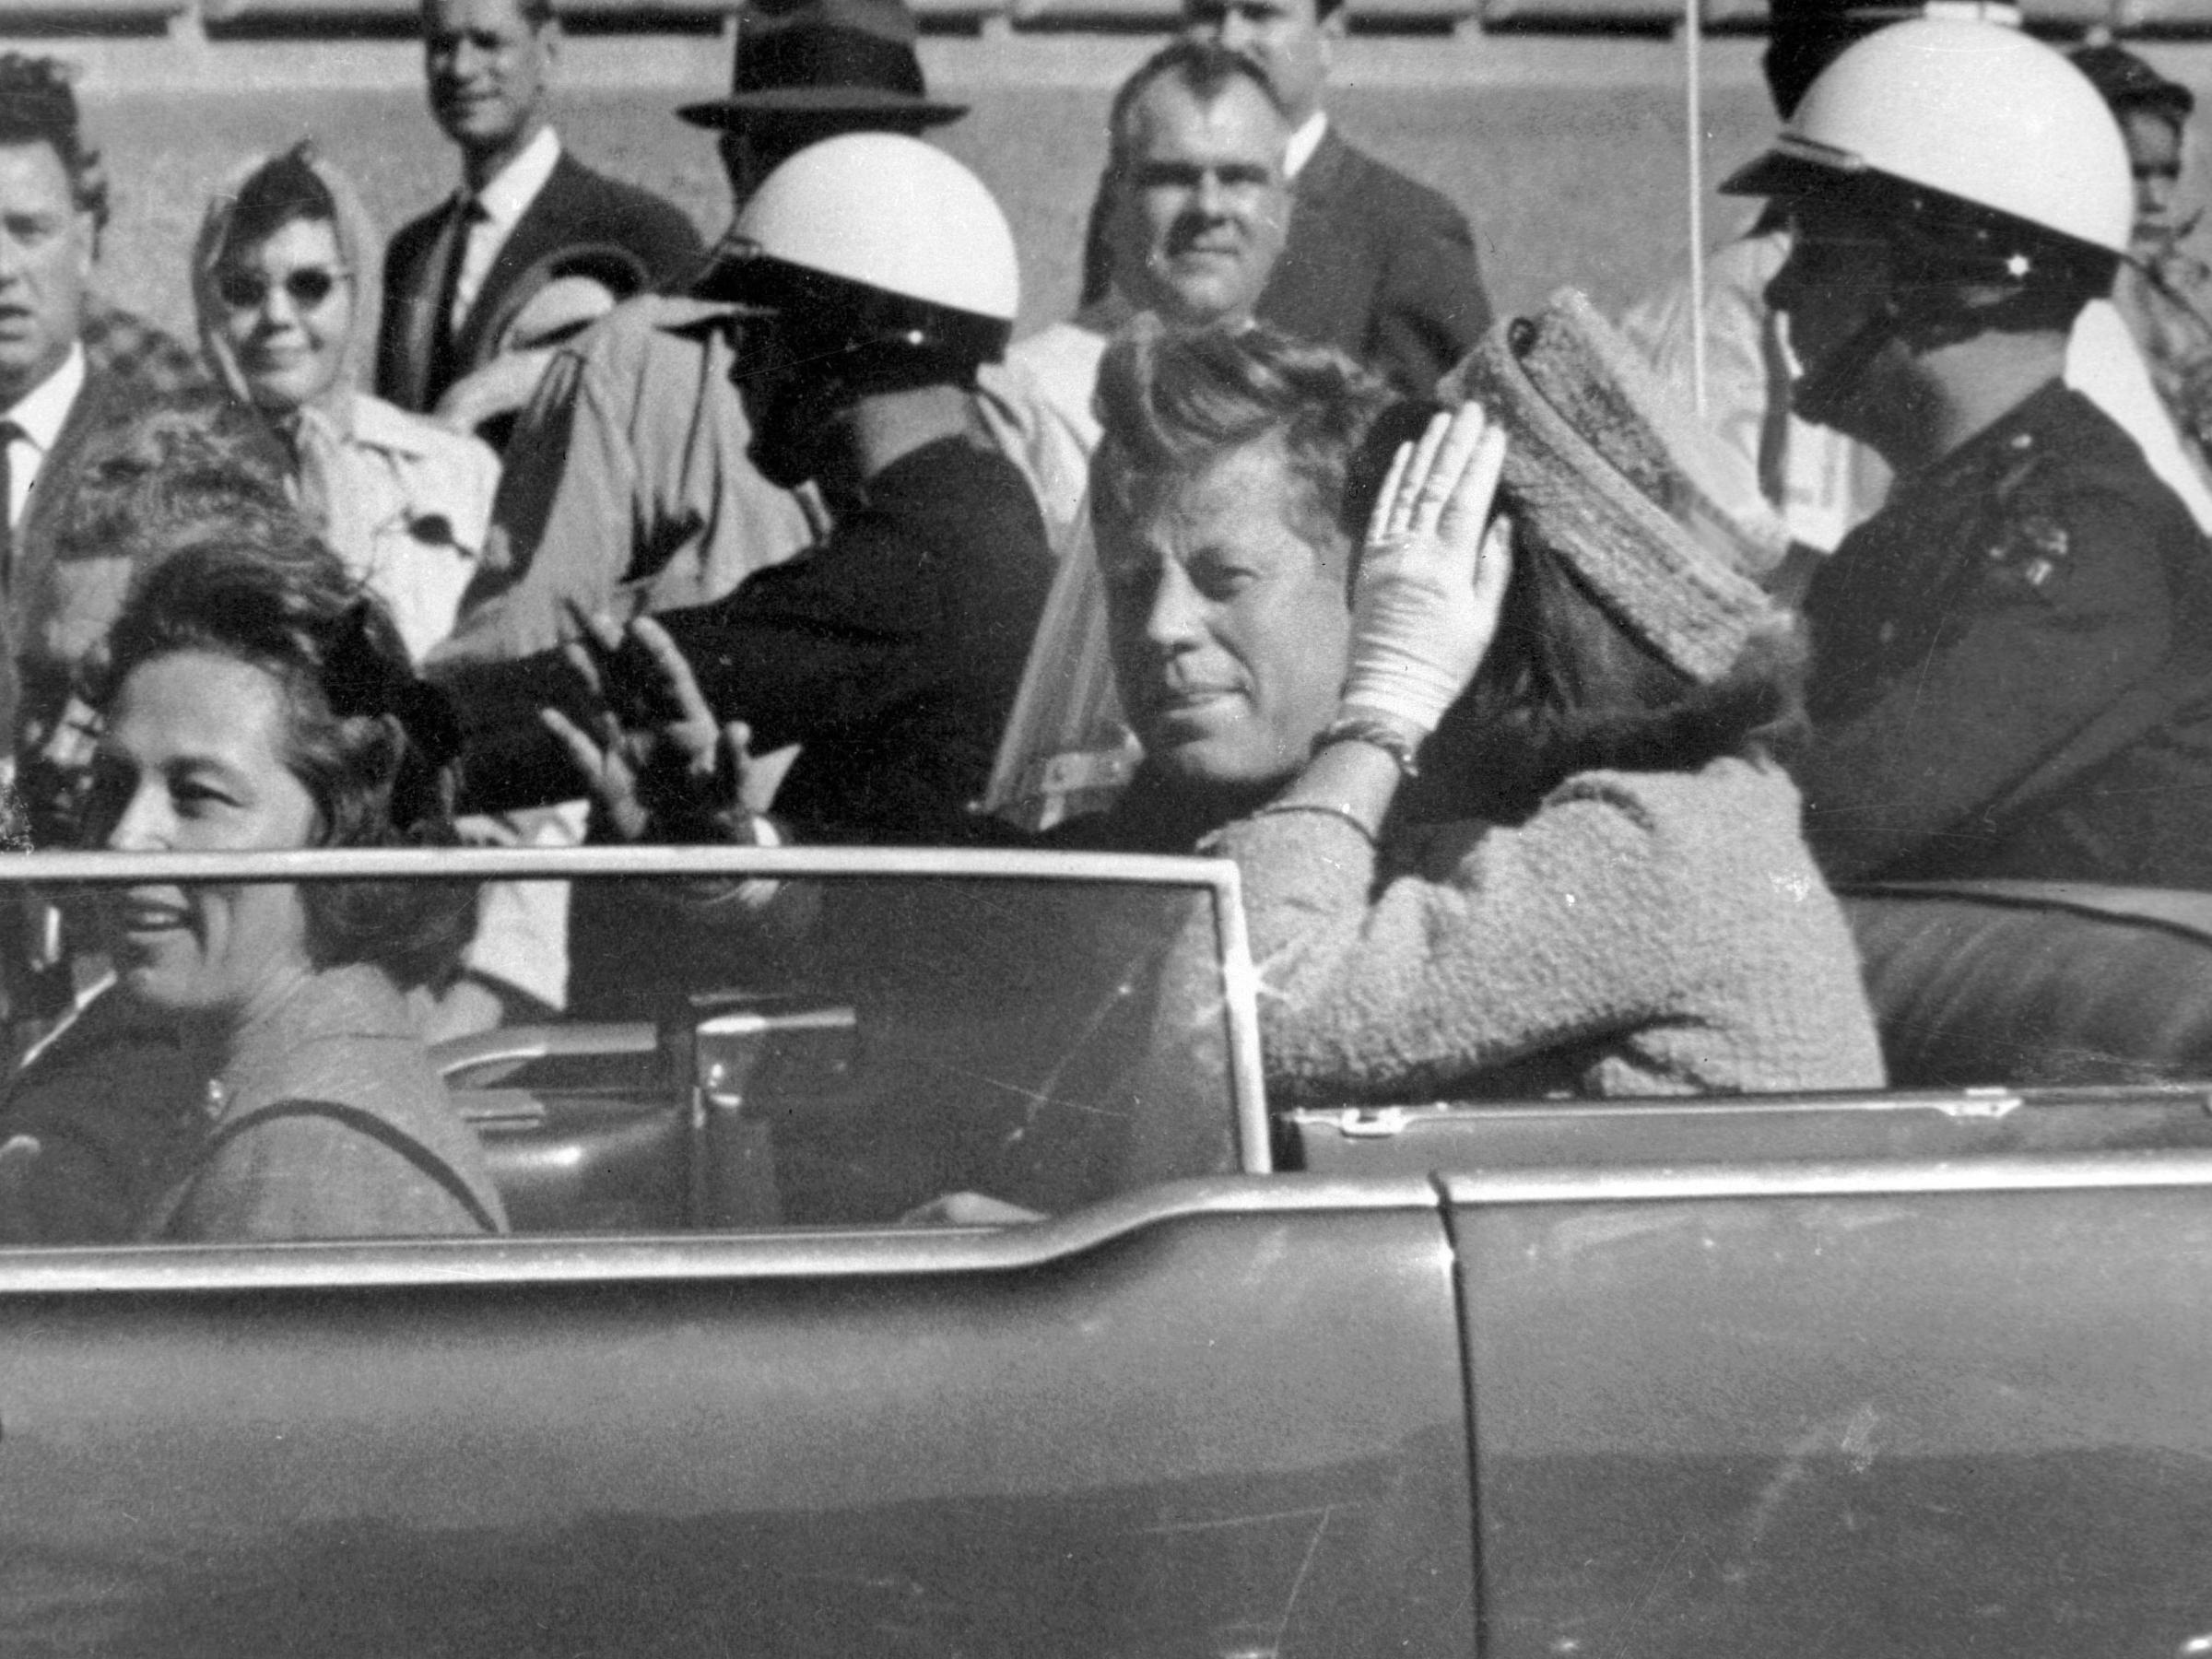 JFK files released after Oliver Stone film JFK files released after Oliver Stone film new pics